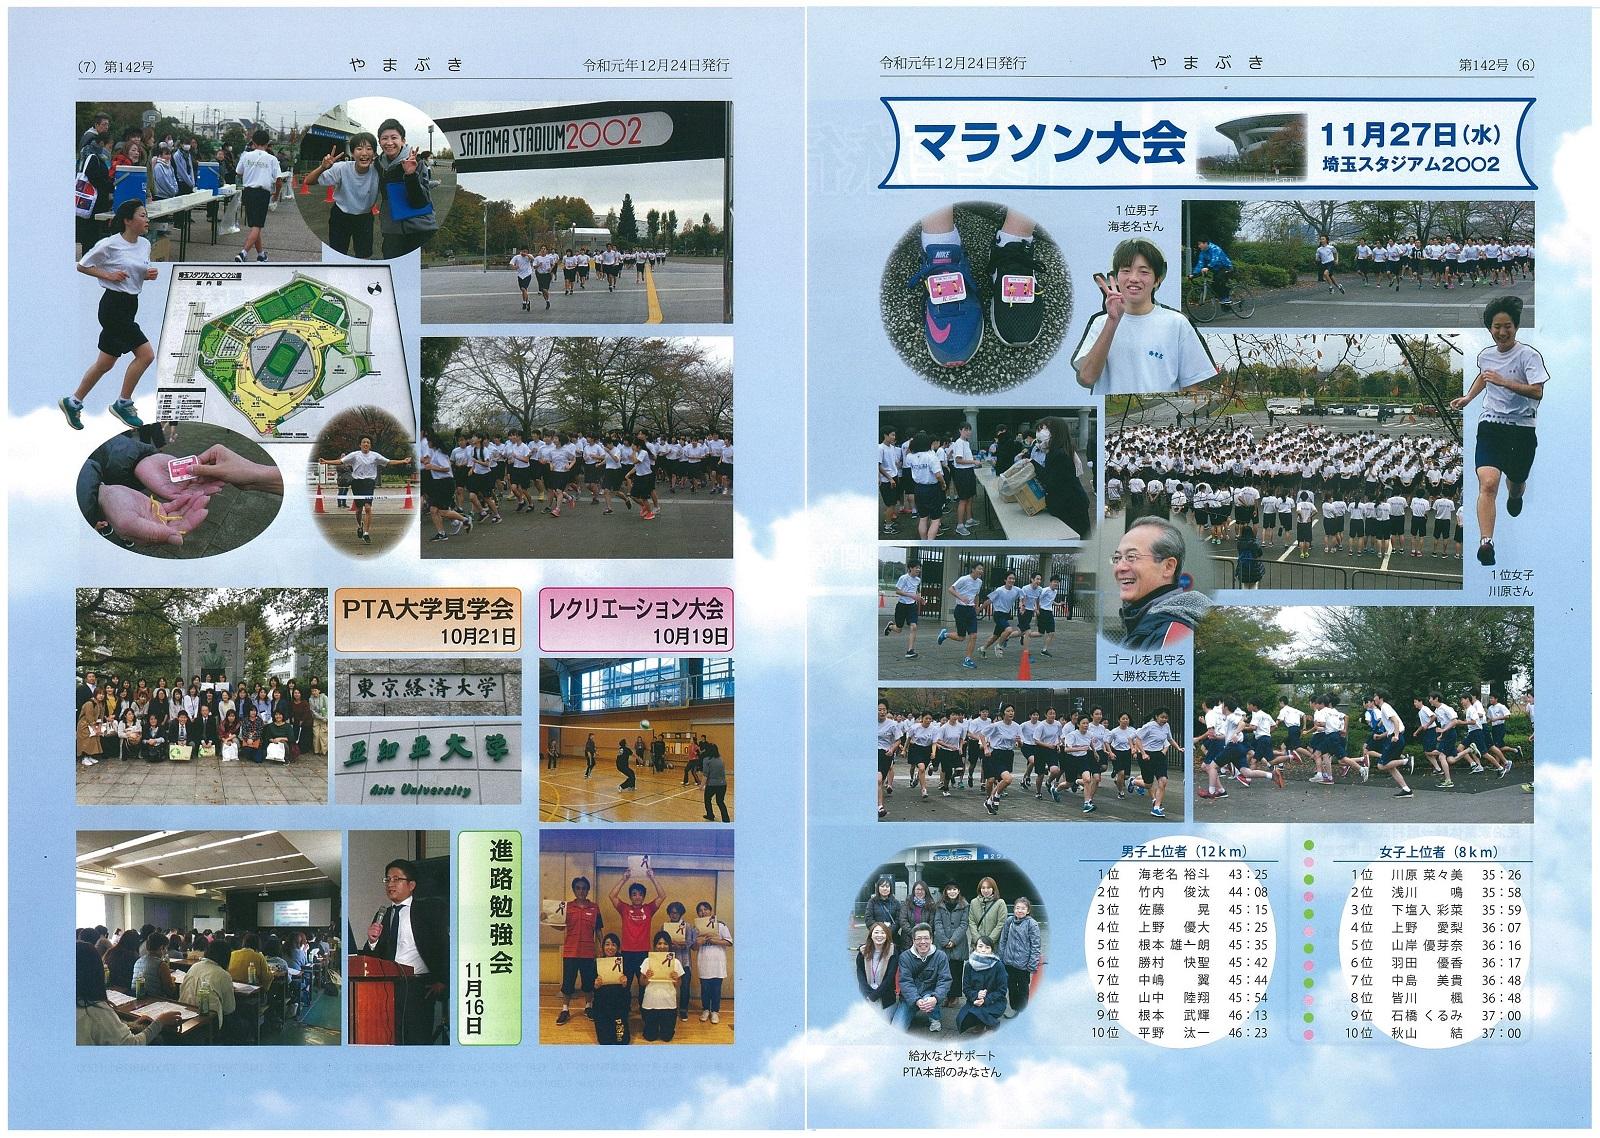 やまぶき第142号(令和元年12月24日発行)6・7ページ